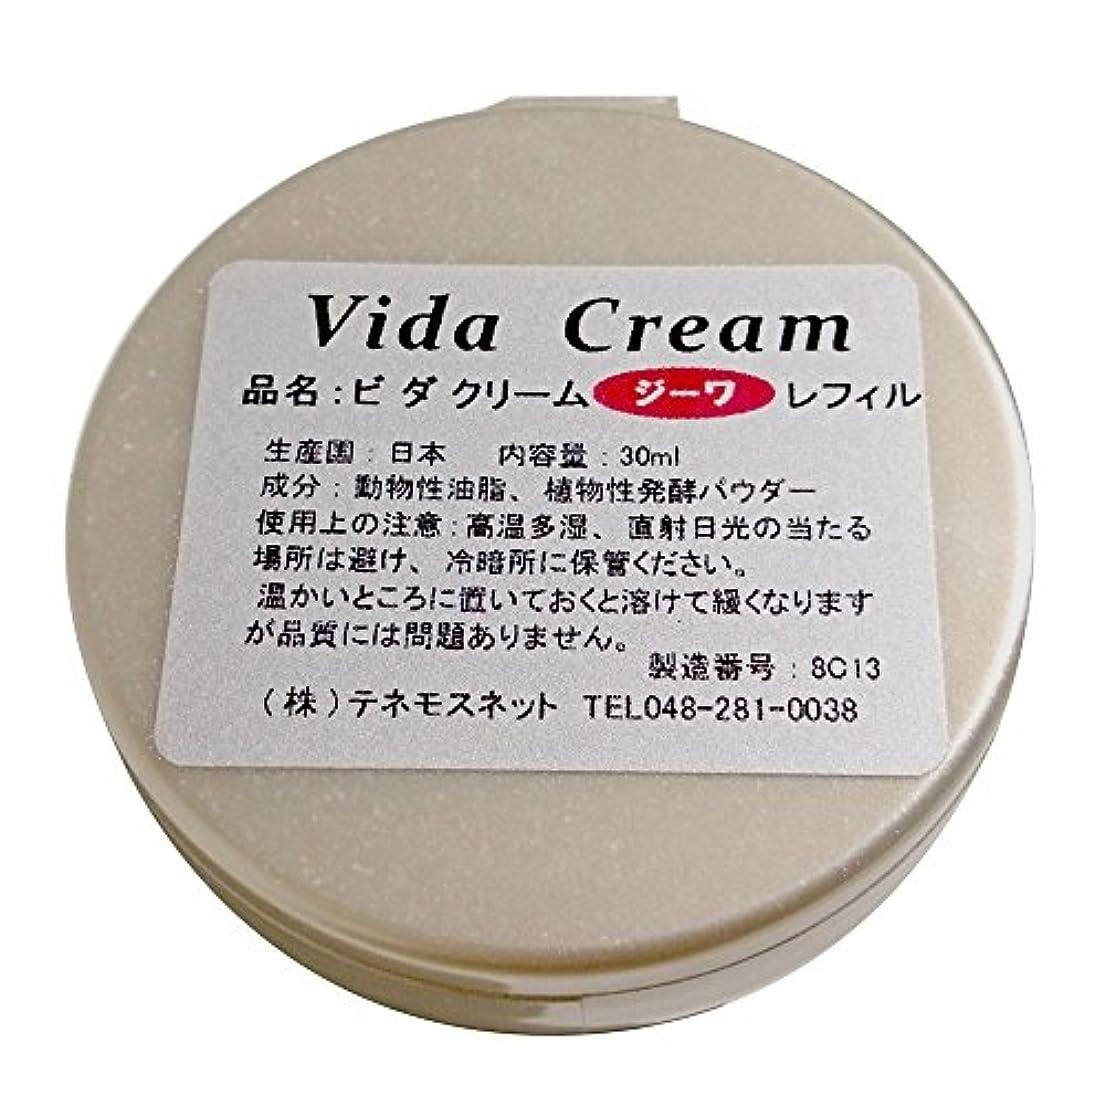 援助する閉じる少数テネモス ビダクリーム Vida Cream ジーワ レフィル 付替用 30ml